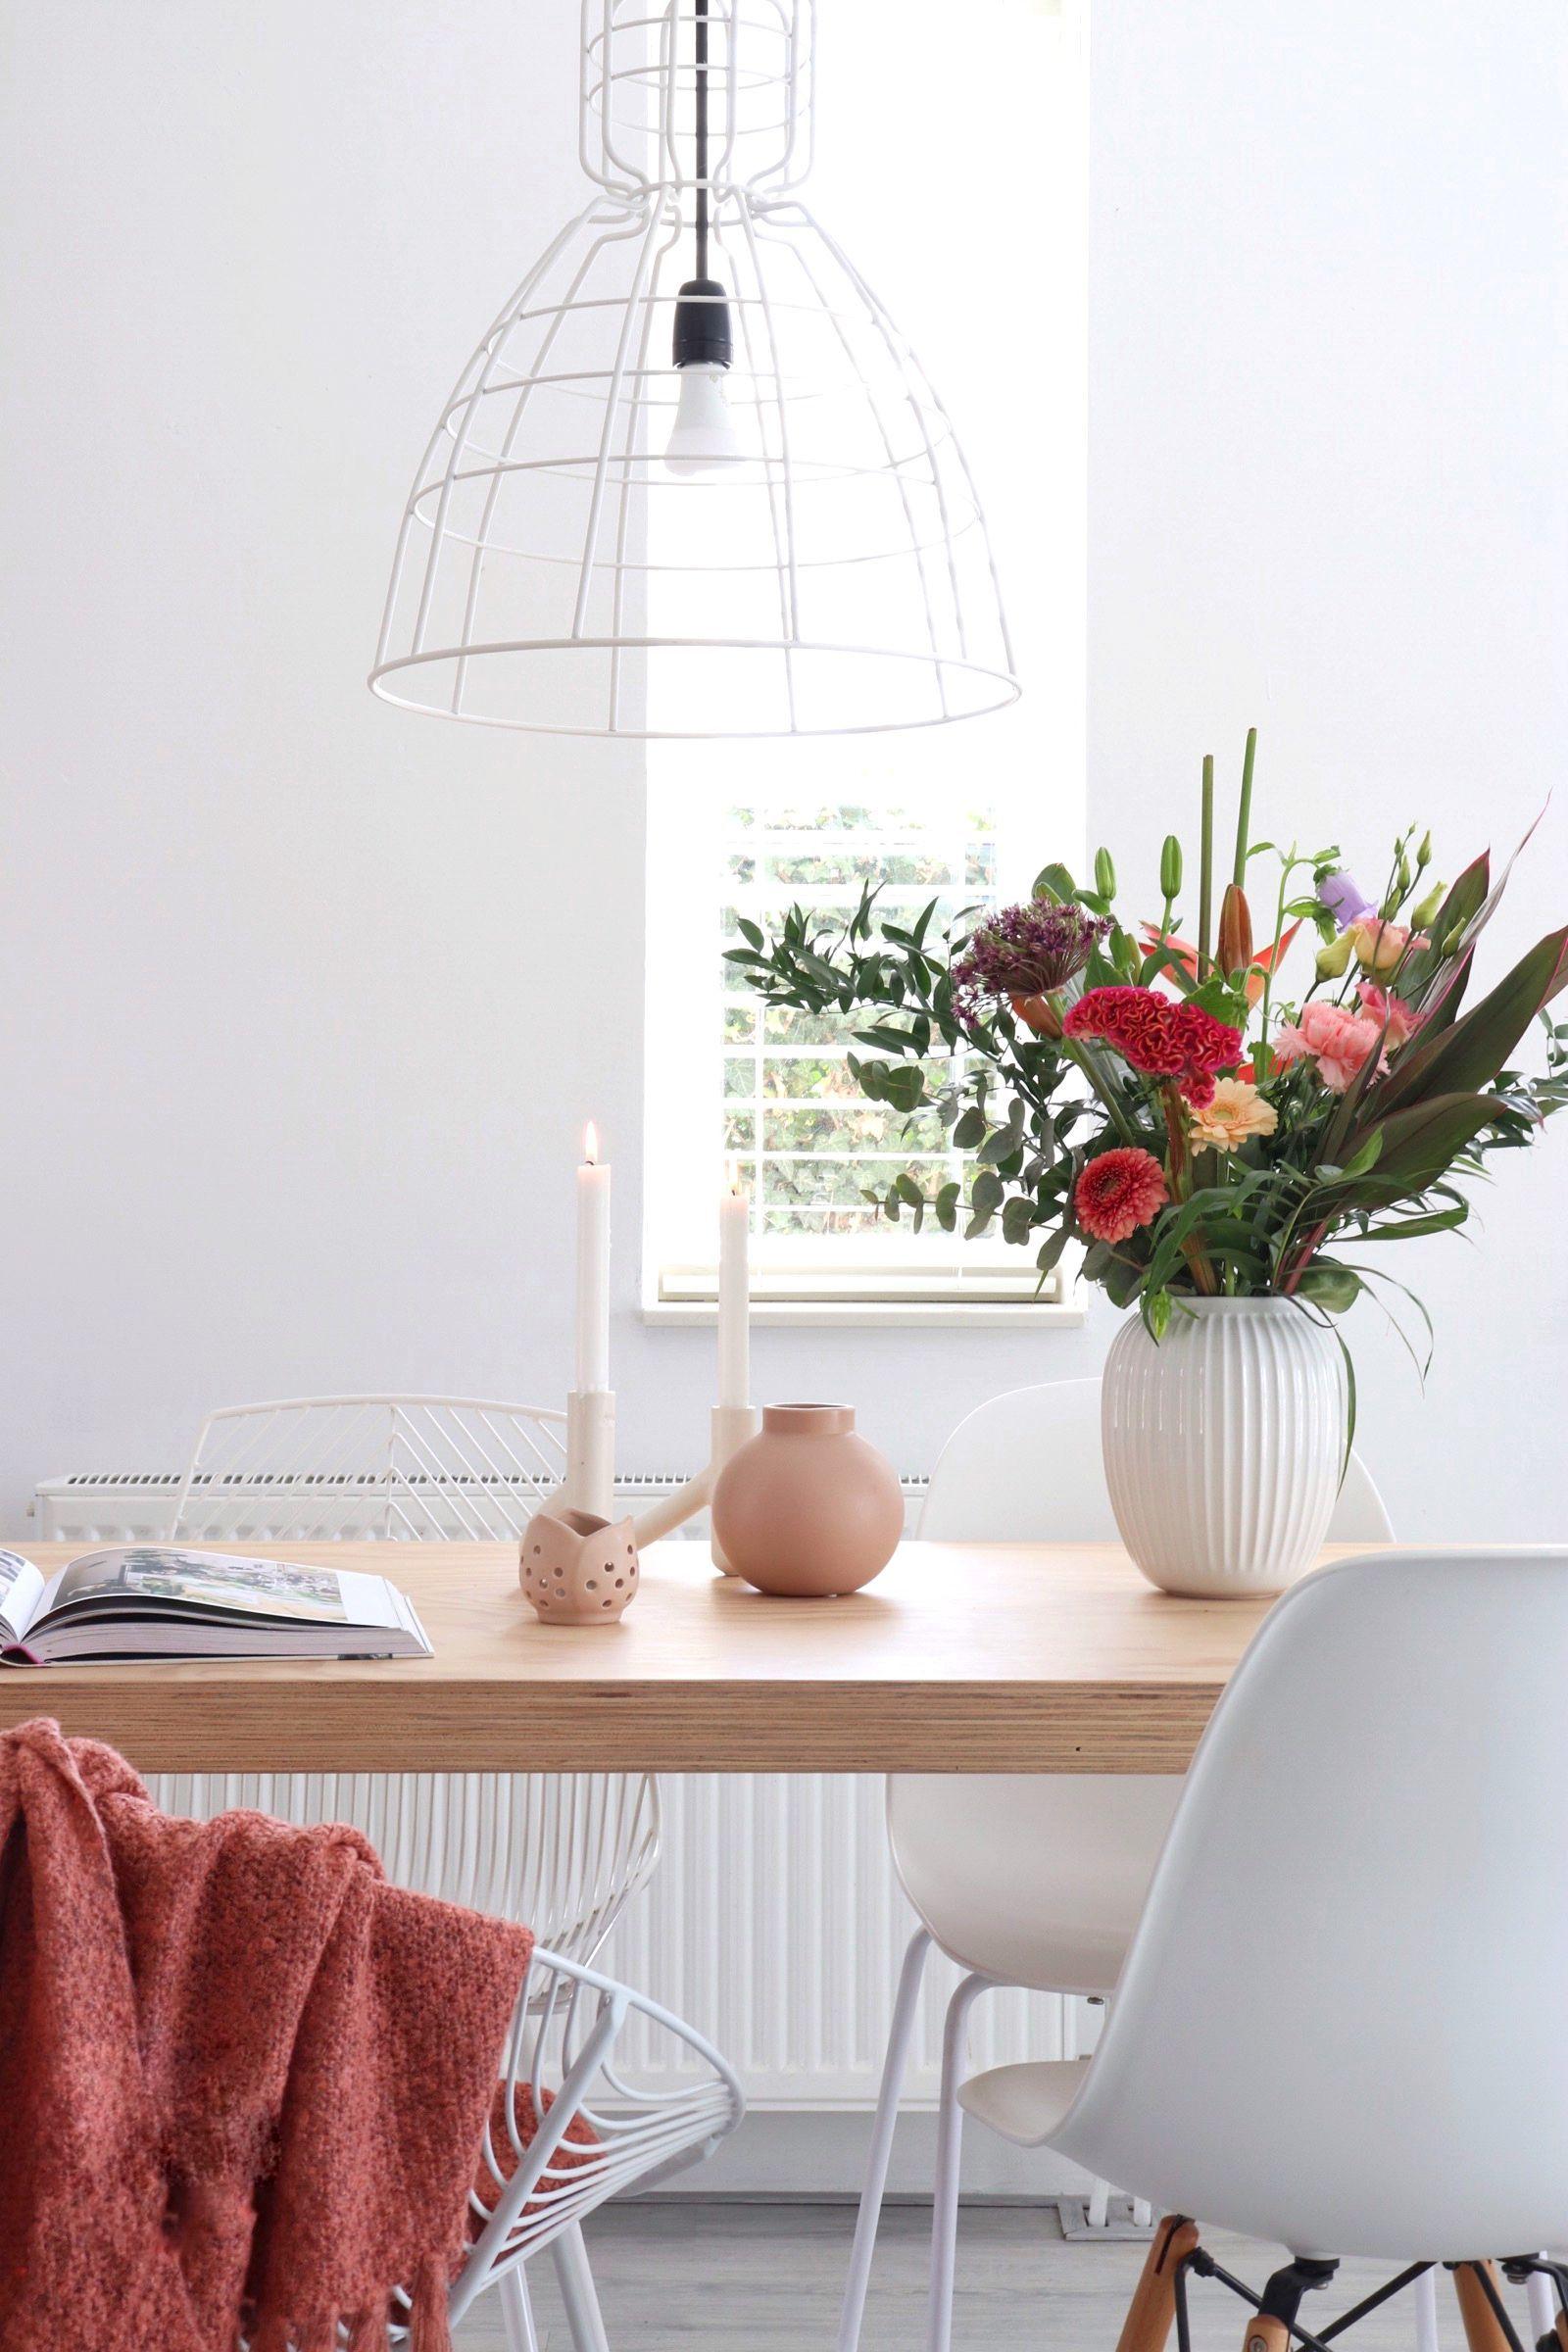 Mooie Decoratie Op Een Houten Eettafel In Een Romantisch Scandinavische Stijl Home Deco Thuisdecoratie Thuis